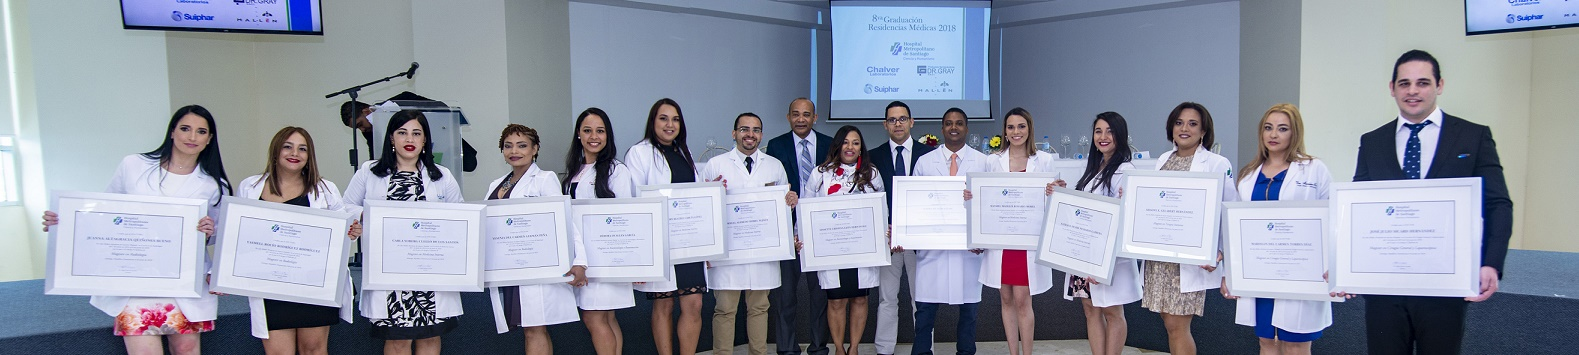 8va Graduación de Residencias Medicas